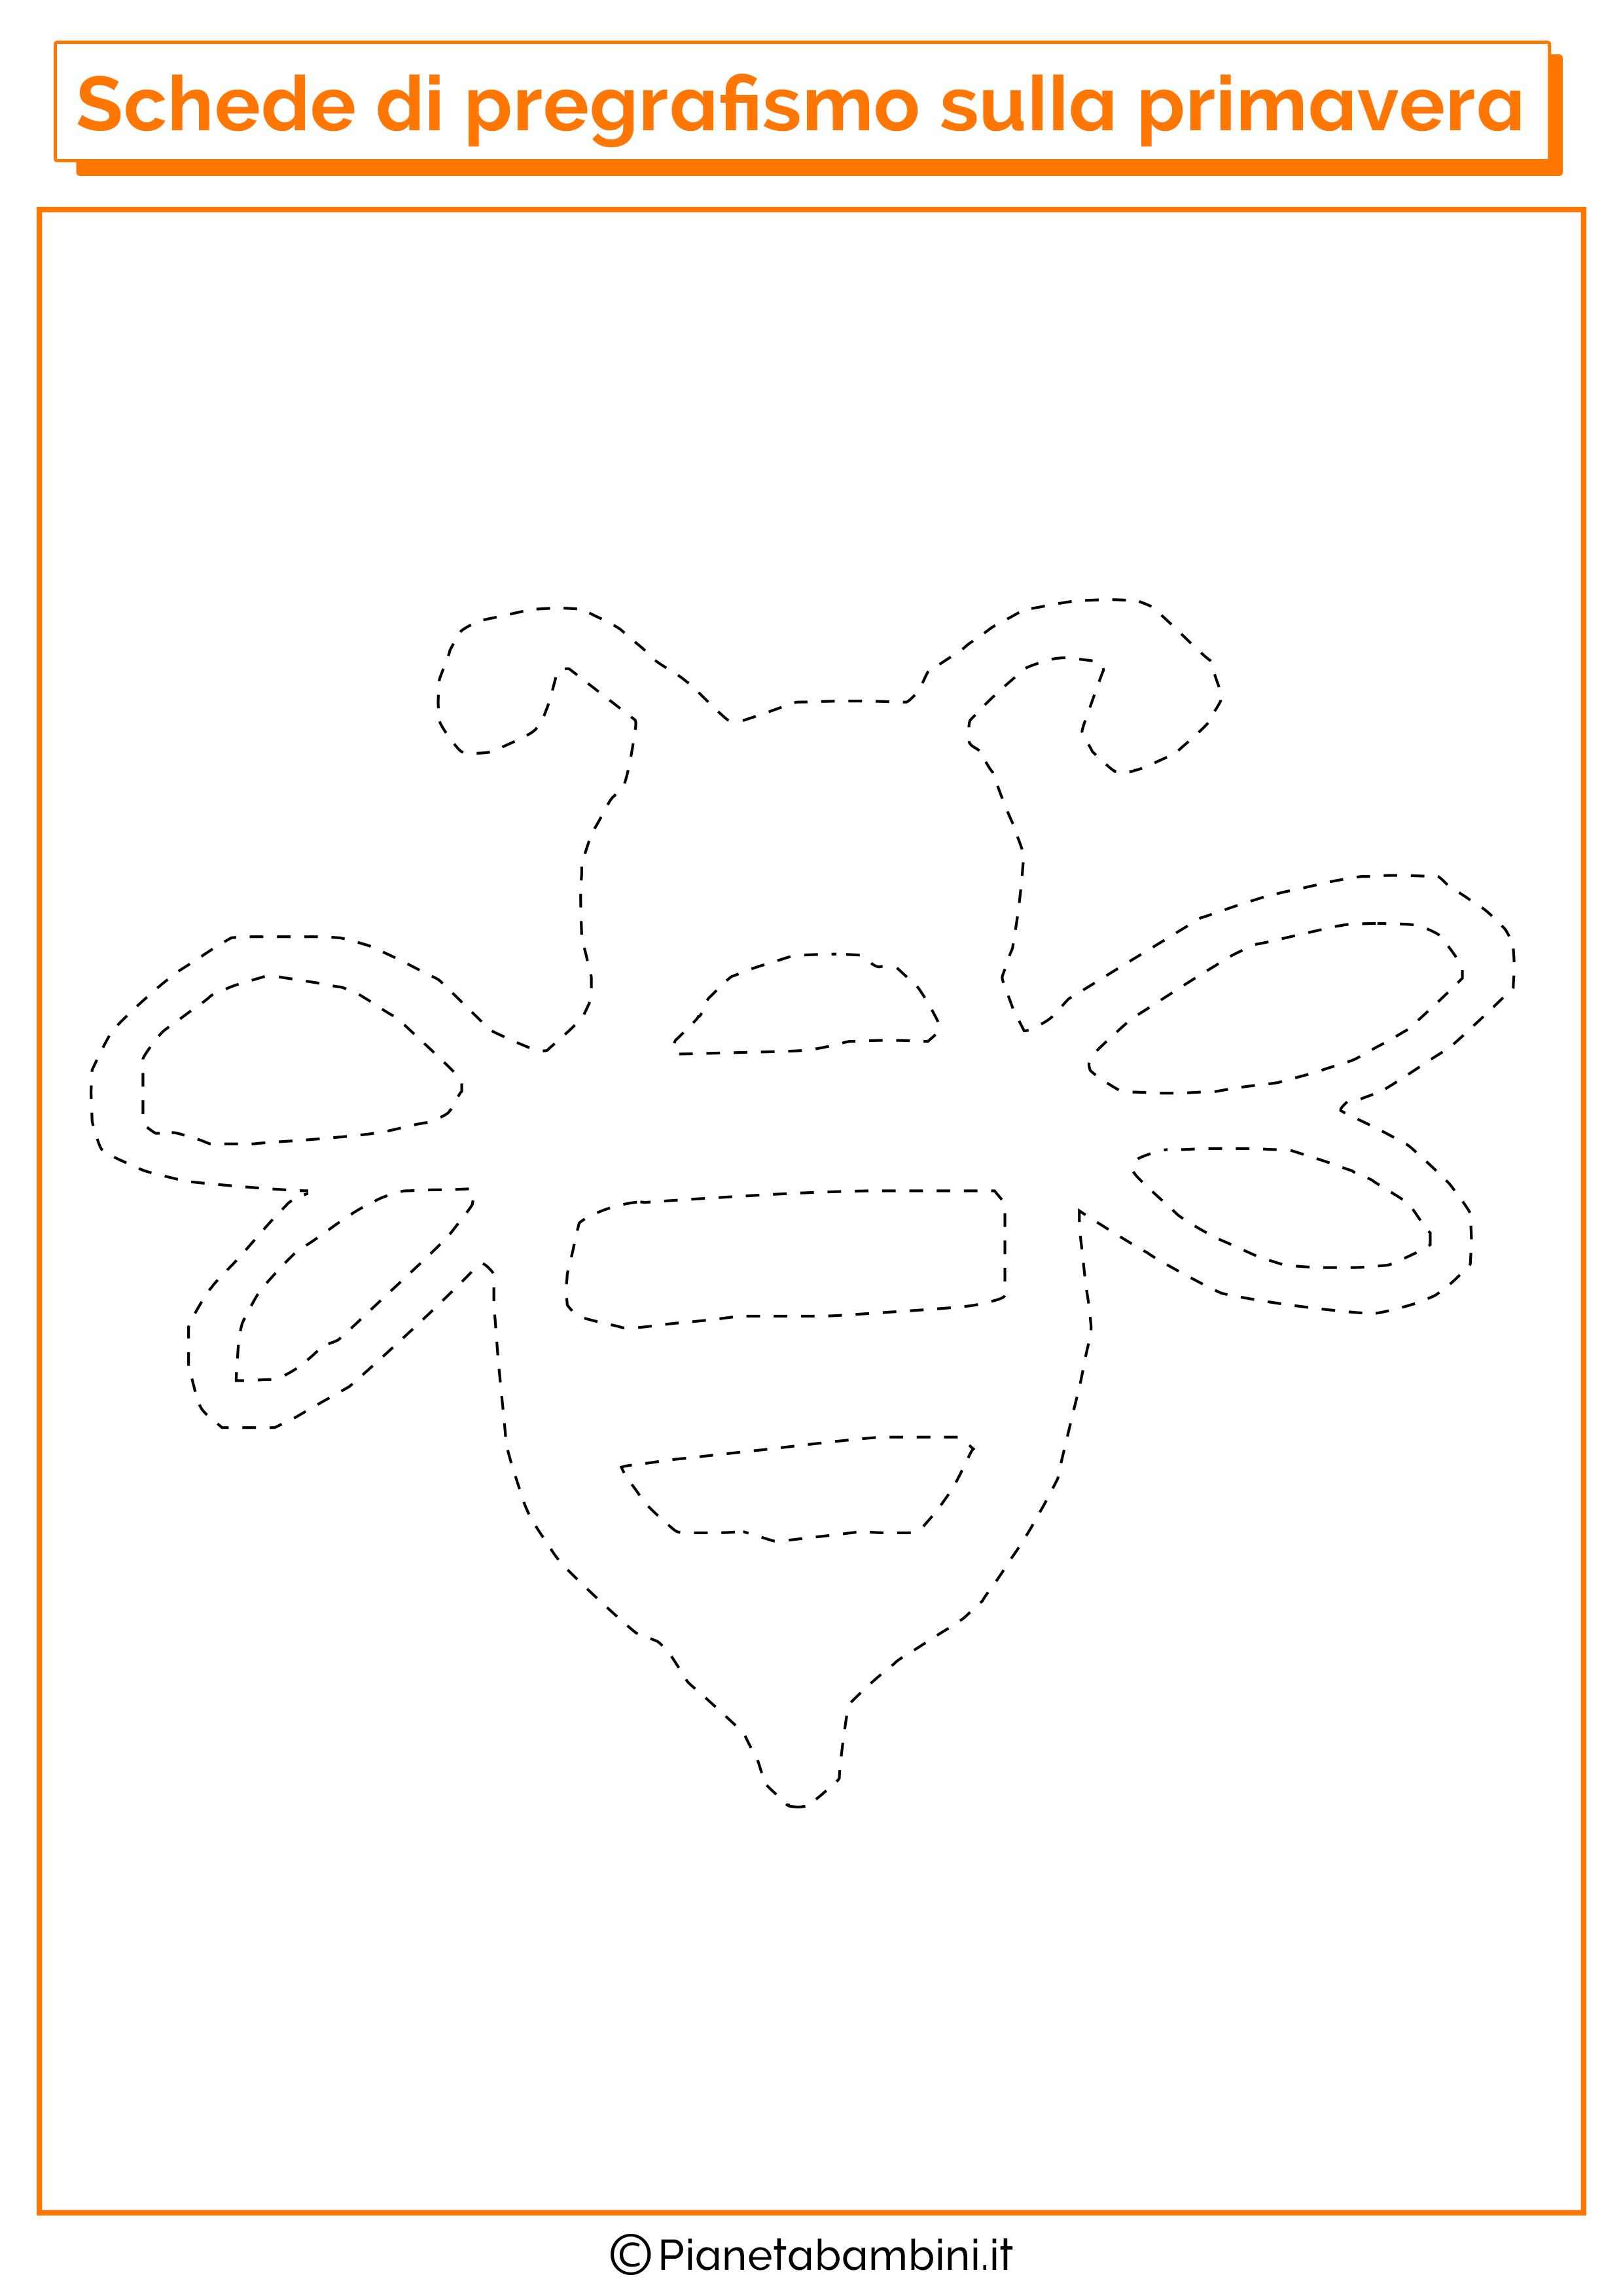 Pregrafismo-Primavera-Ape